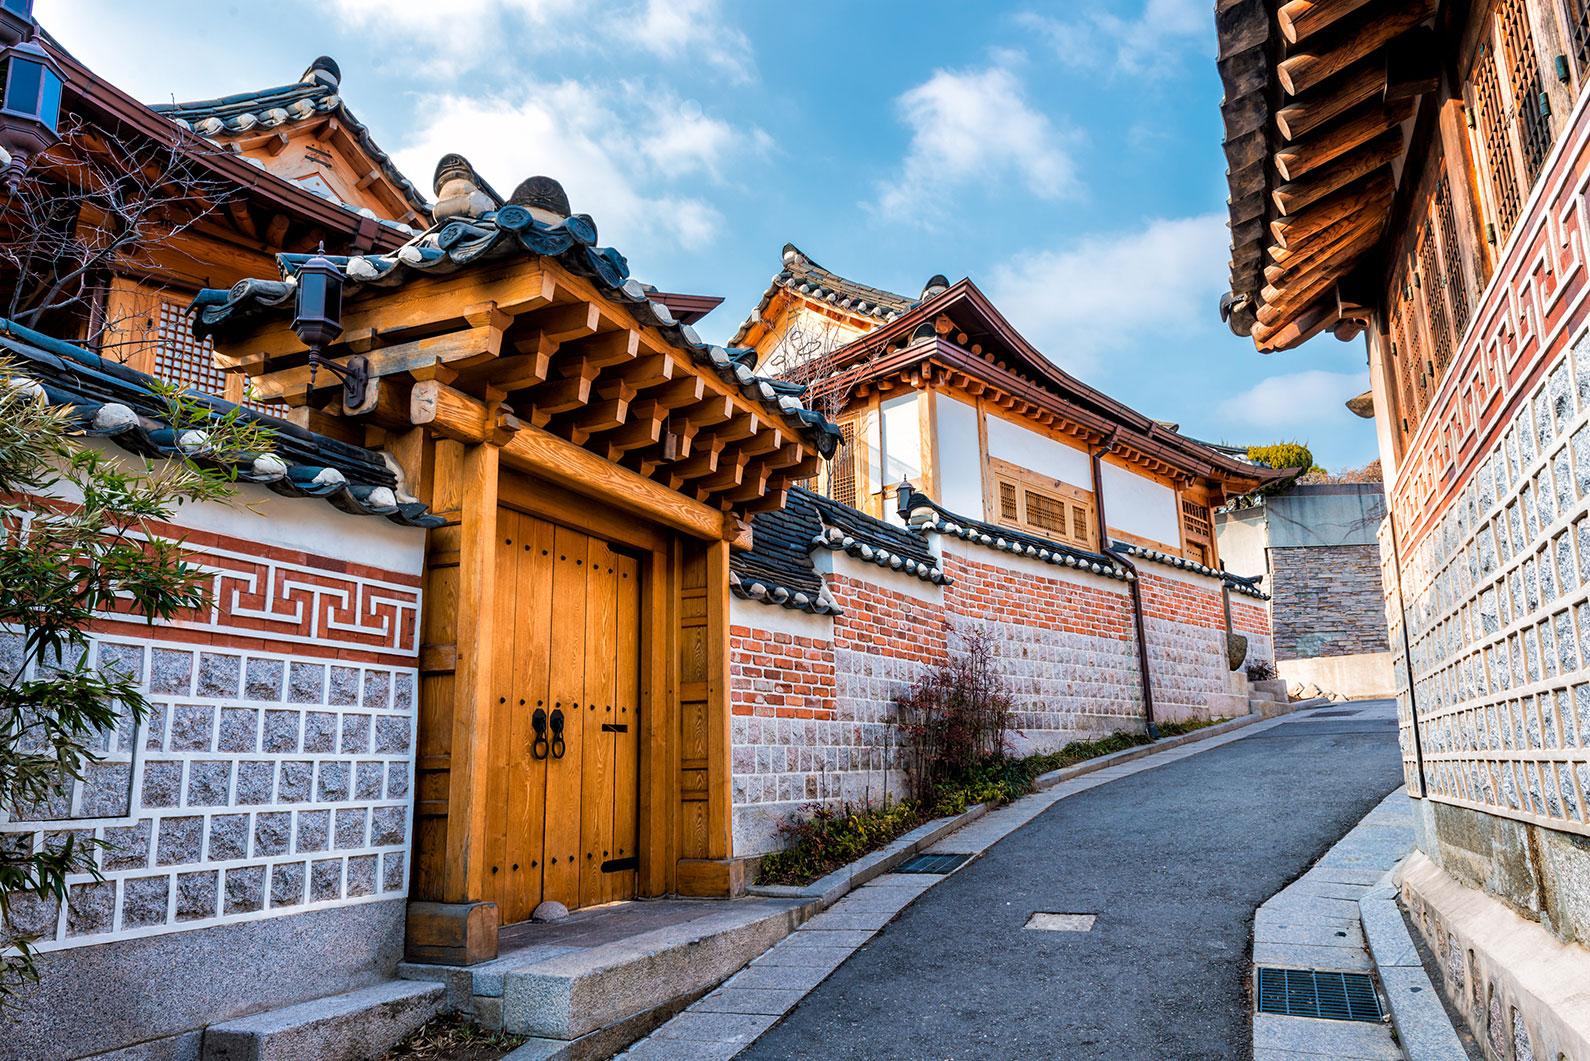 SEL - Seoul Kimpo